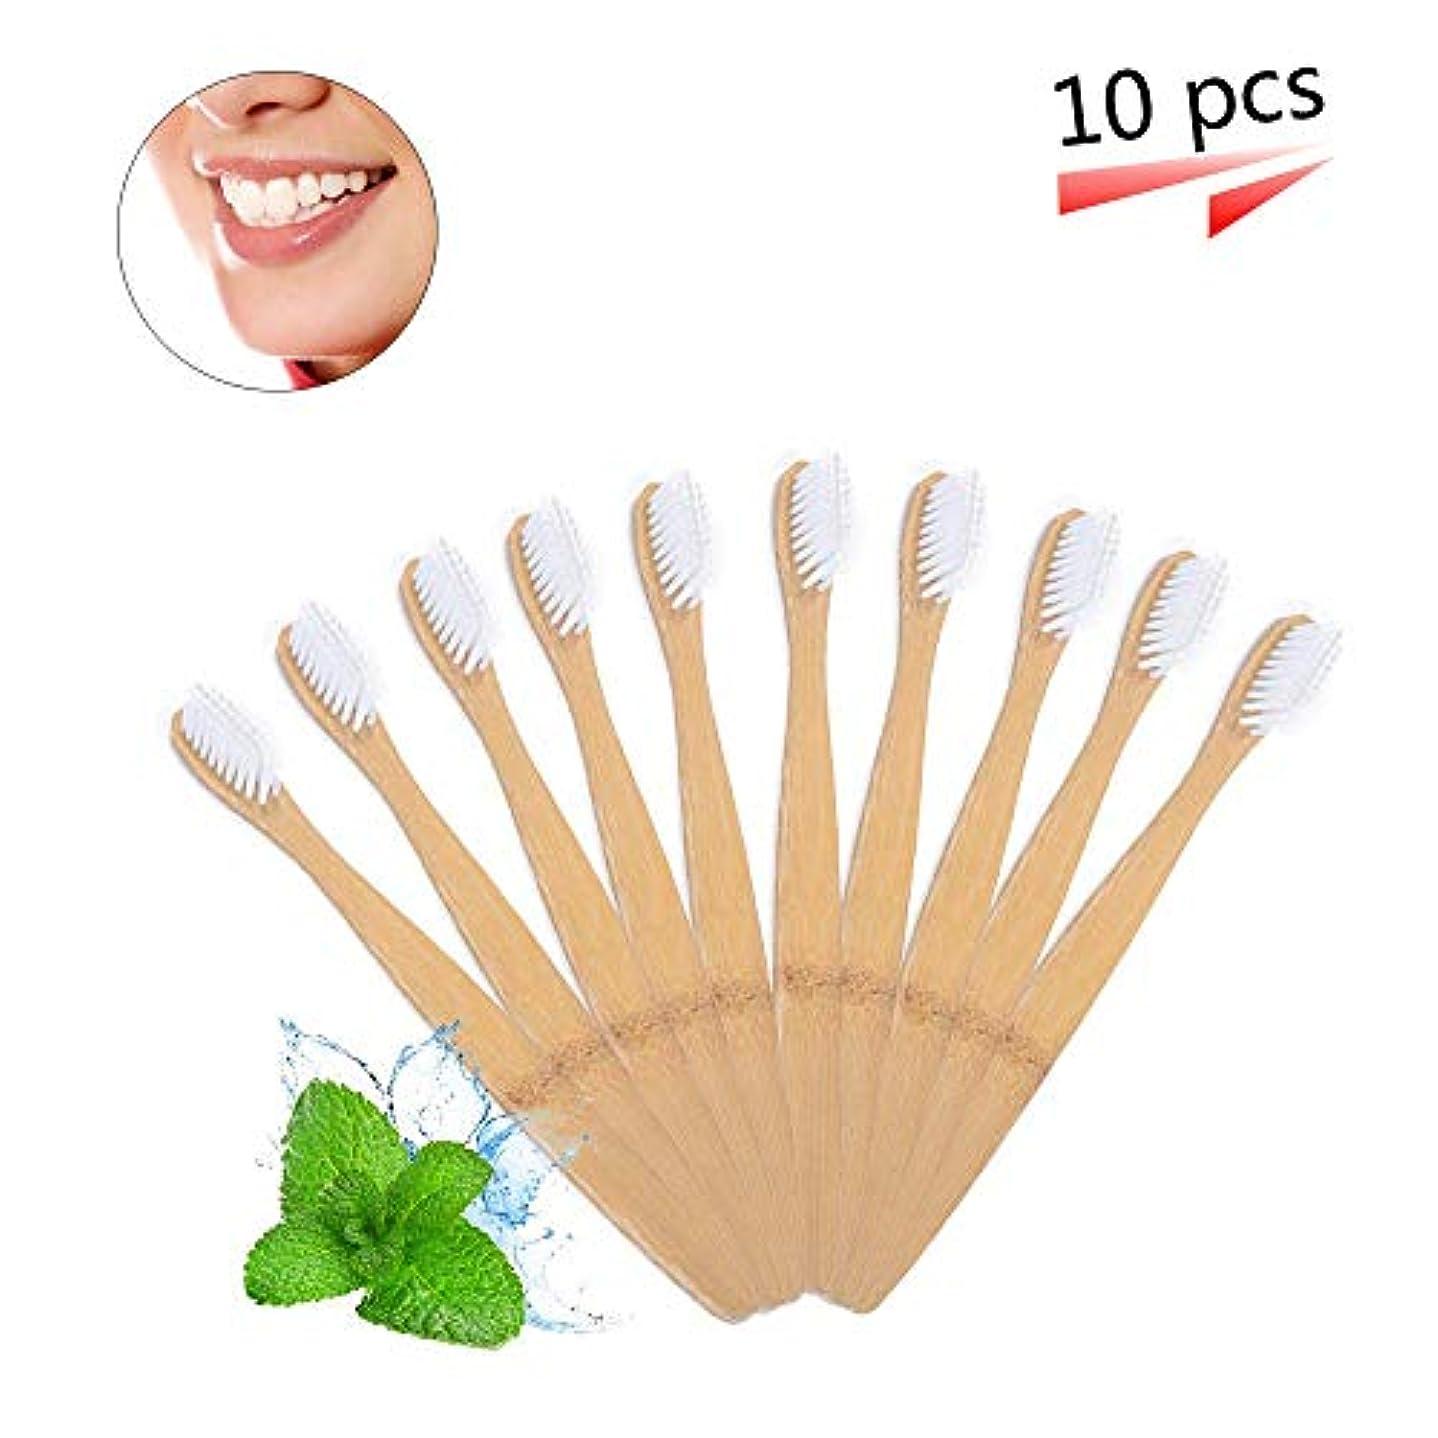 段階圧倒的持つ竹の歯ブラシ 分解性 環境保護の歯ブラシ 天然の柔らかいブラシ ホワイト 10本